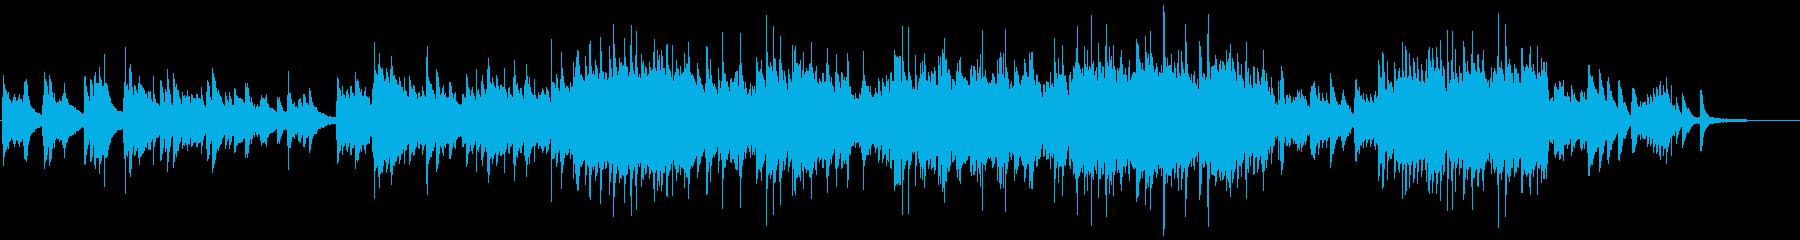 おしゃれでゆったりしたピアノ音楽の再生済みの波形